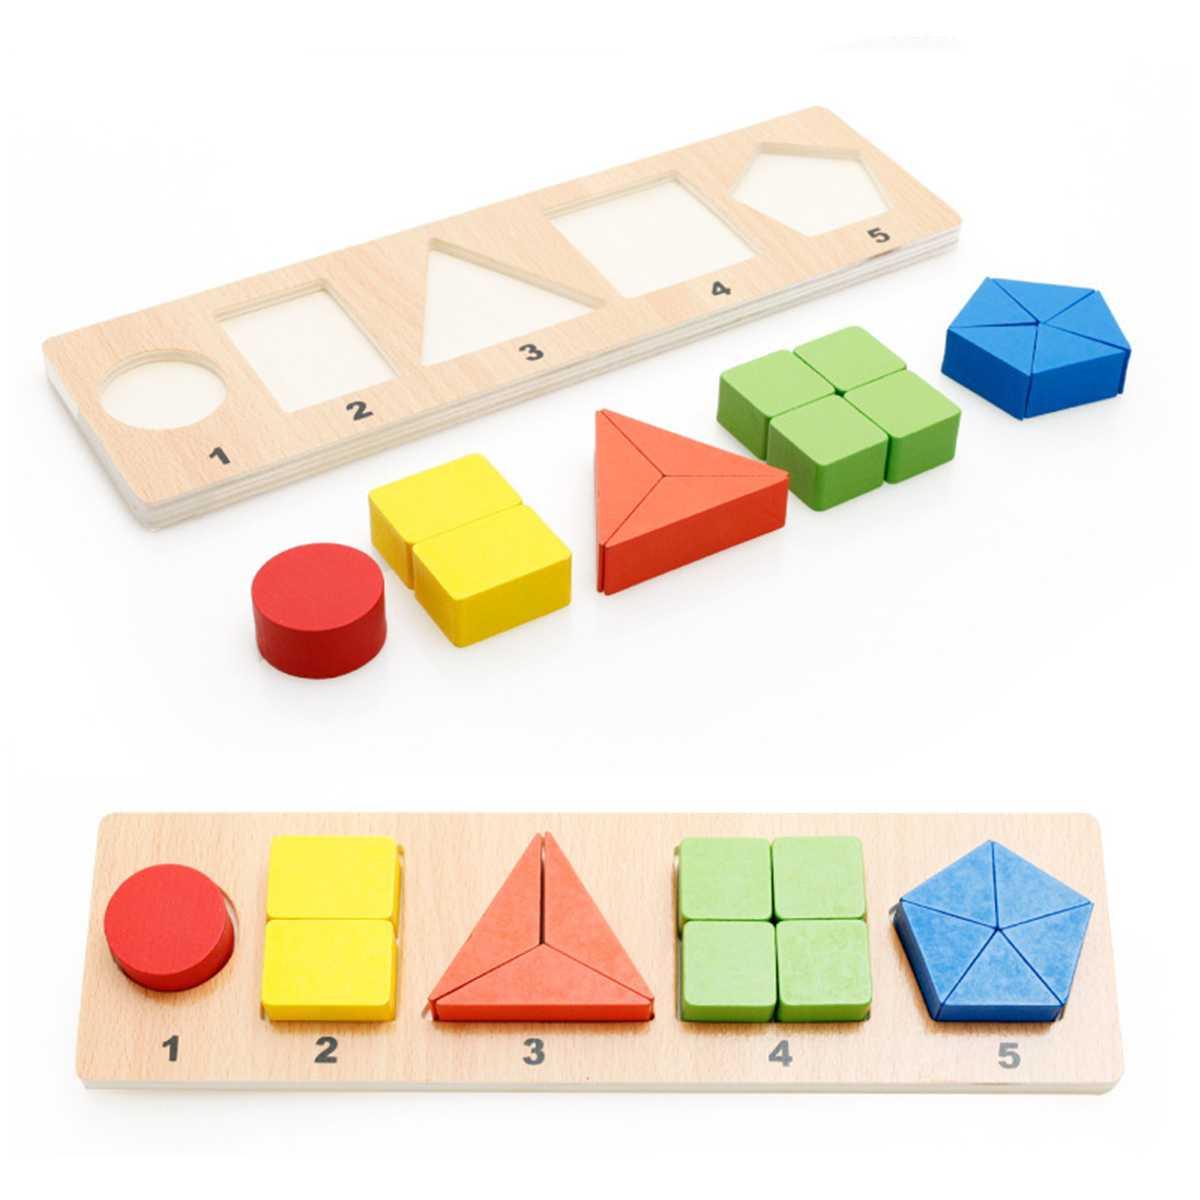 Детский геометрический сортер: сортер томик «геометрические фигуры» и «геометрические блоки» classic world